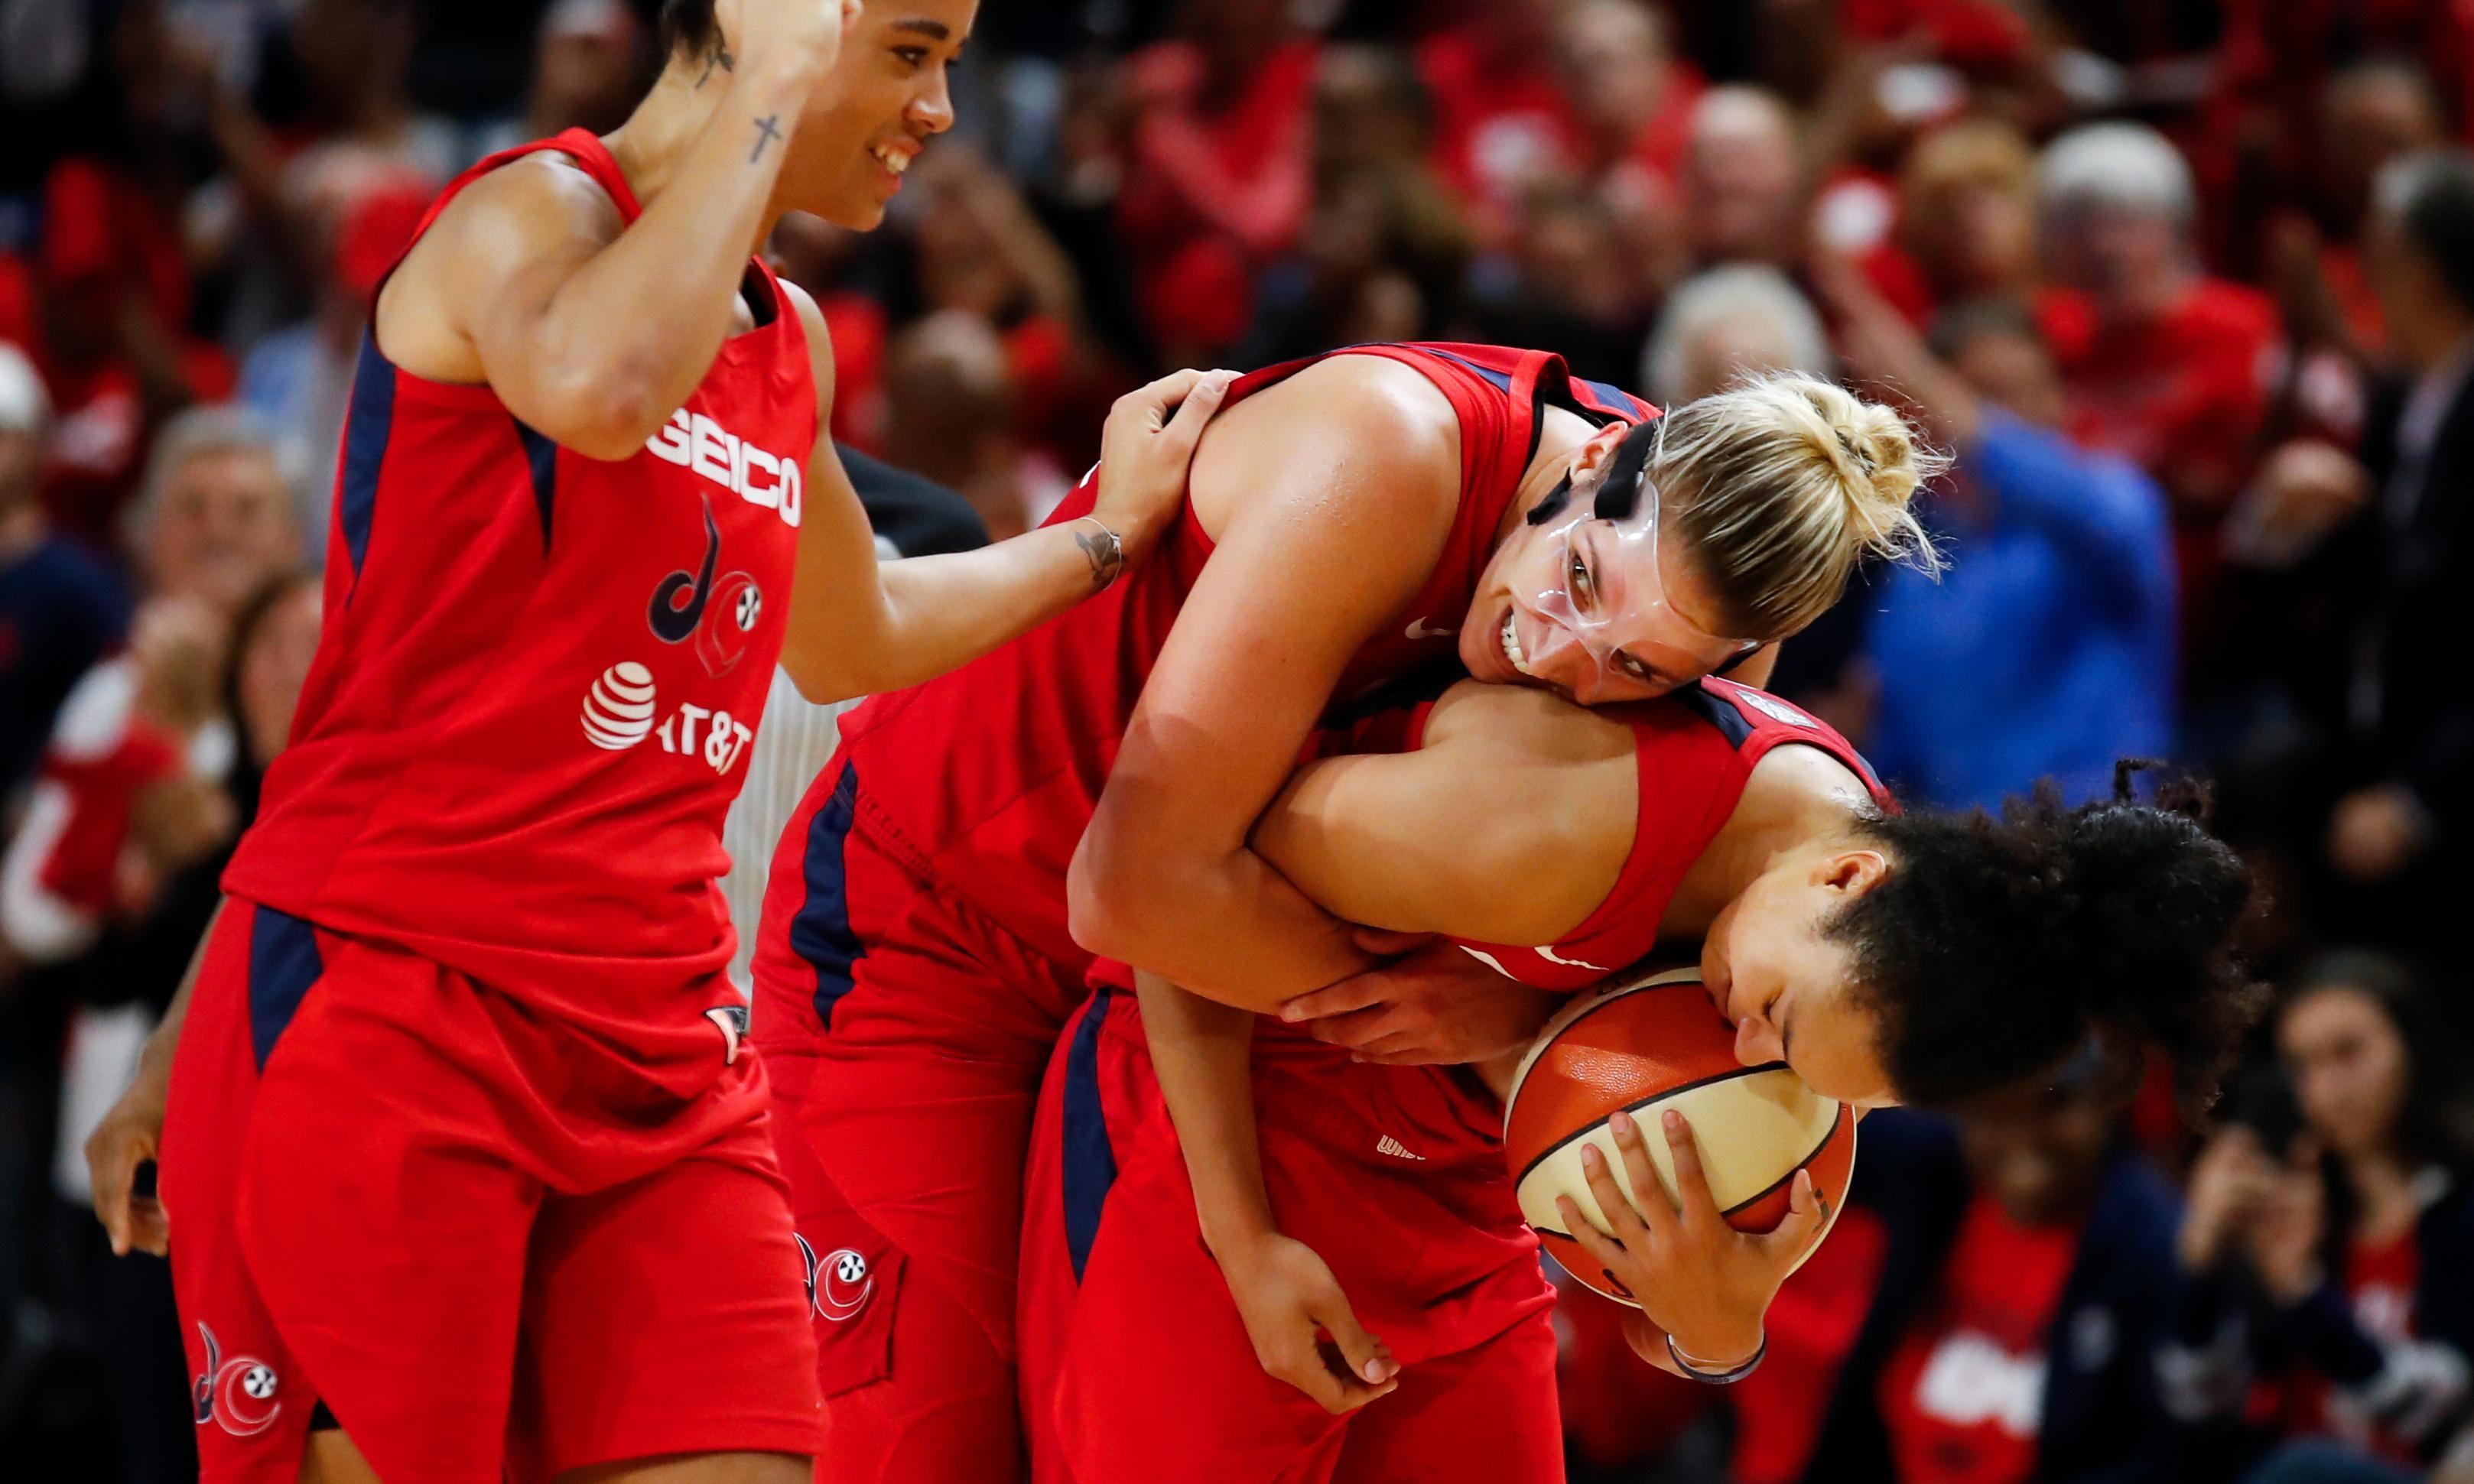 Elena Delle Donne spirits Washington Mystics to first WNBA championship